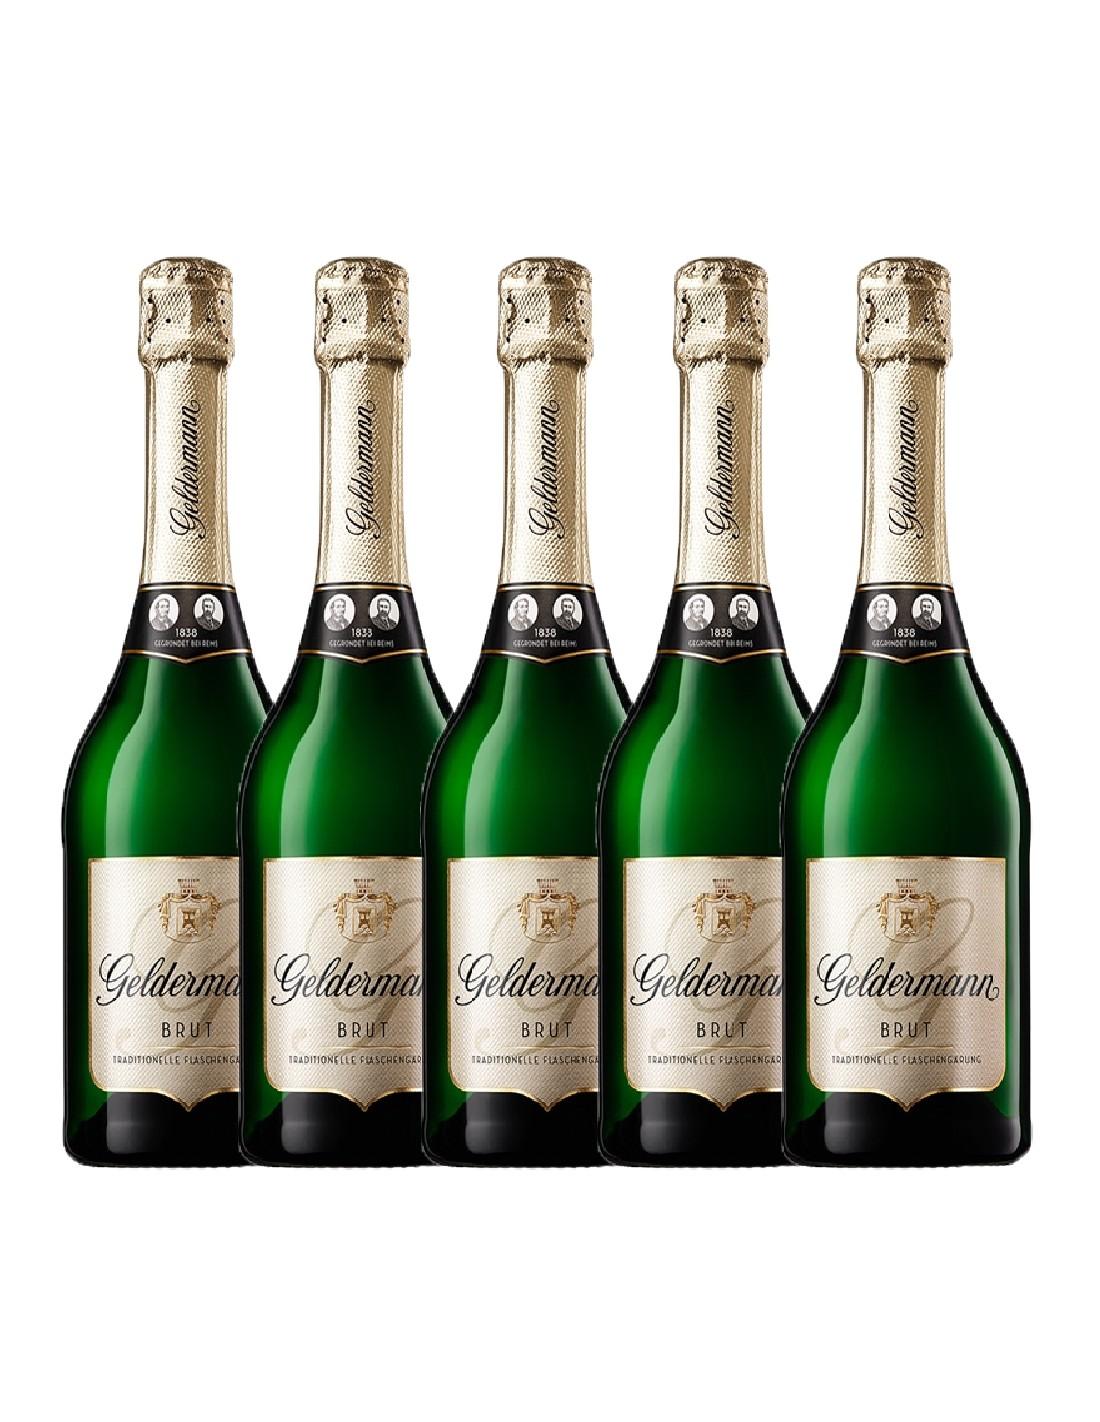 Pachet 5 sticle Vin spumant alb brut, Cupaj, Geldermann Baden, 0.75L, 13% alc., Germania